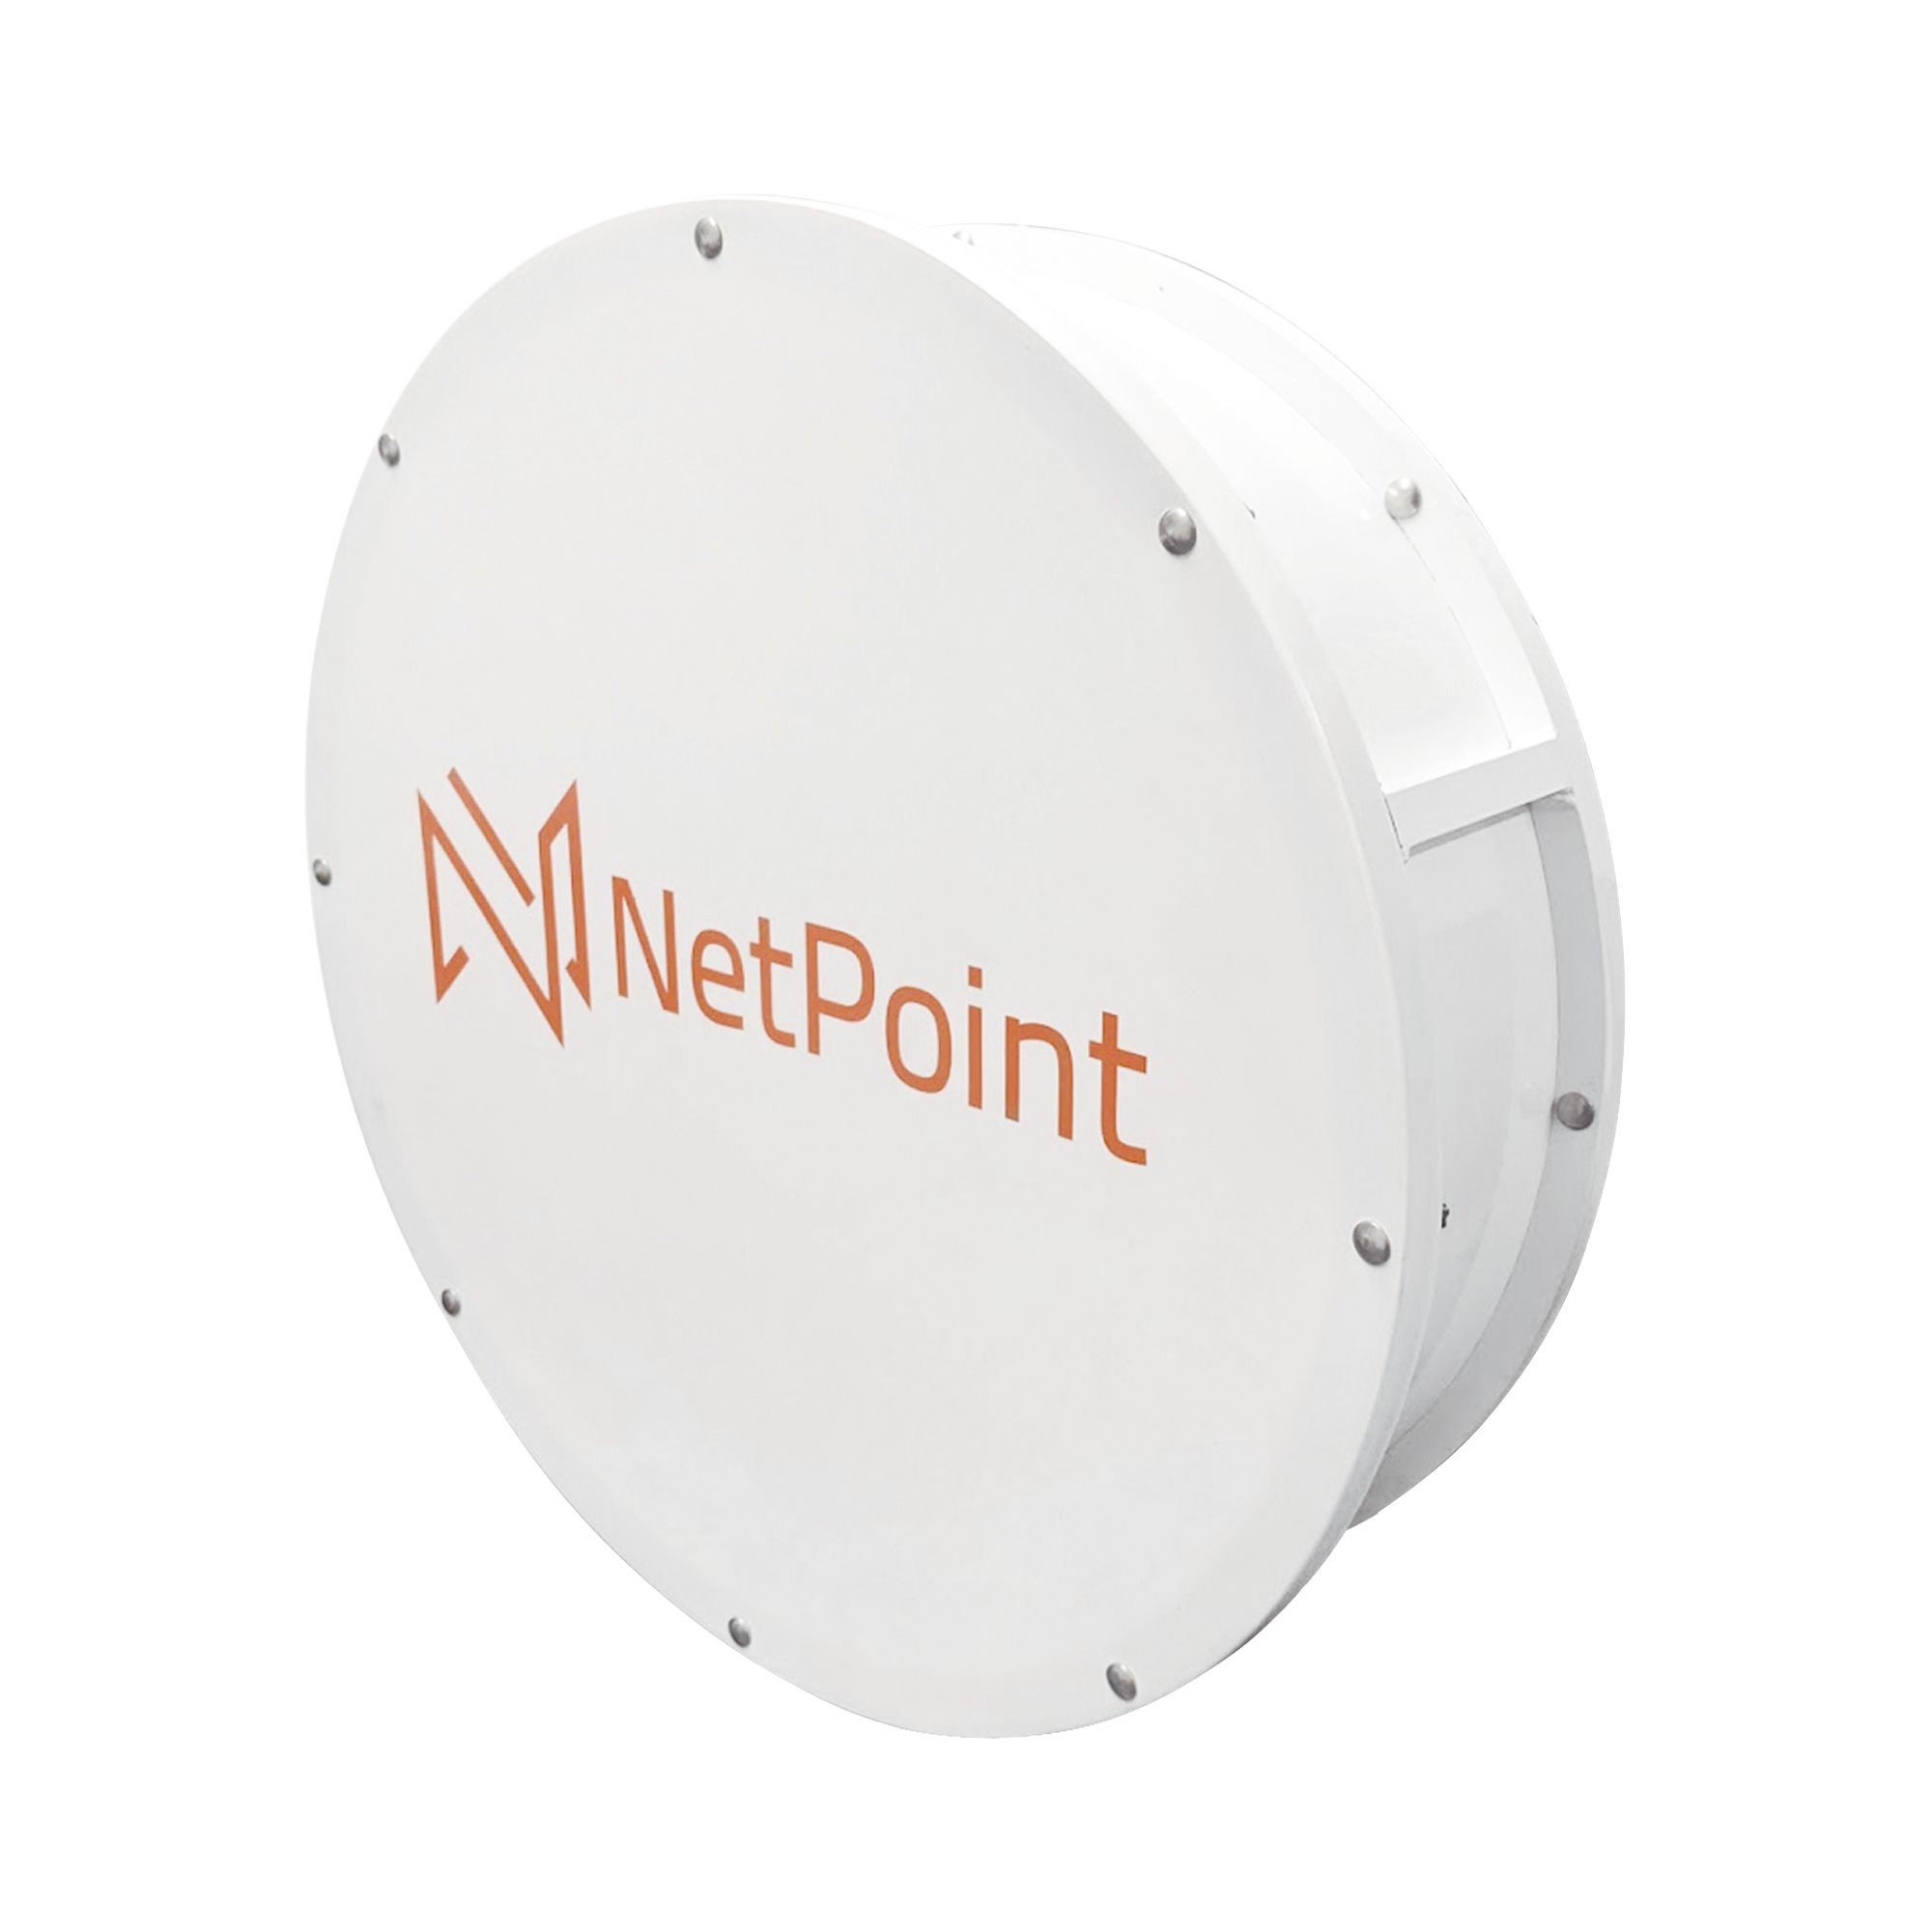 Radomo aislante para alta inmunidad al ruido, reduce interferencia de lóbulos laterales, compatible con antenas NP3